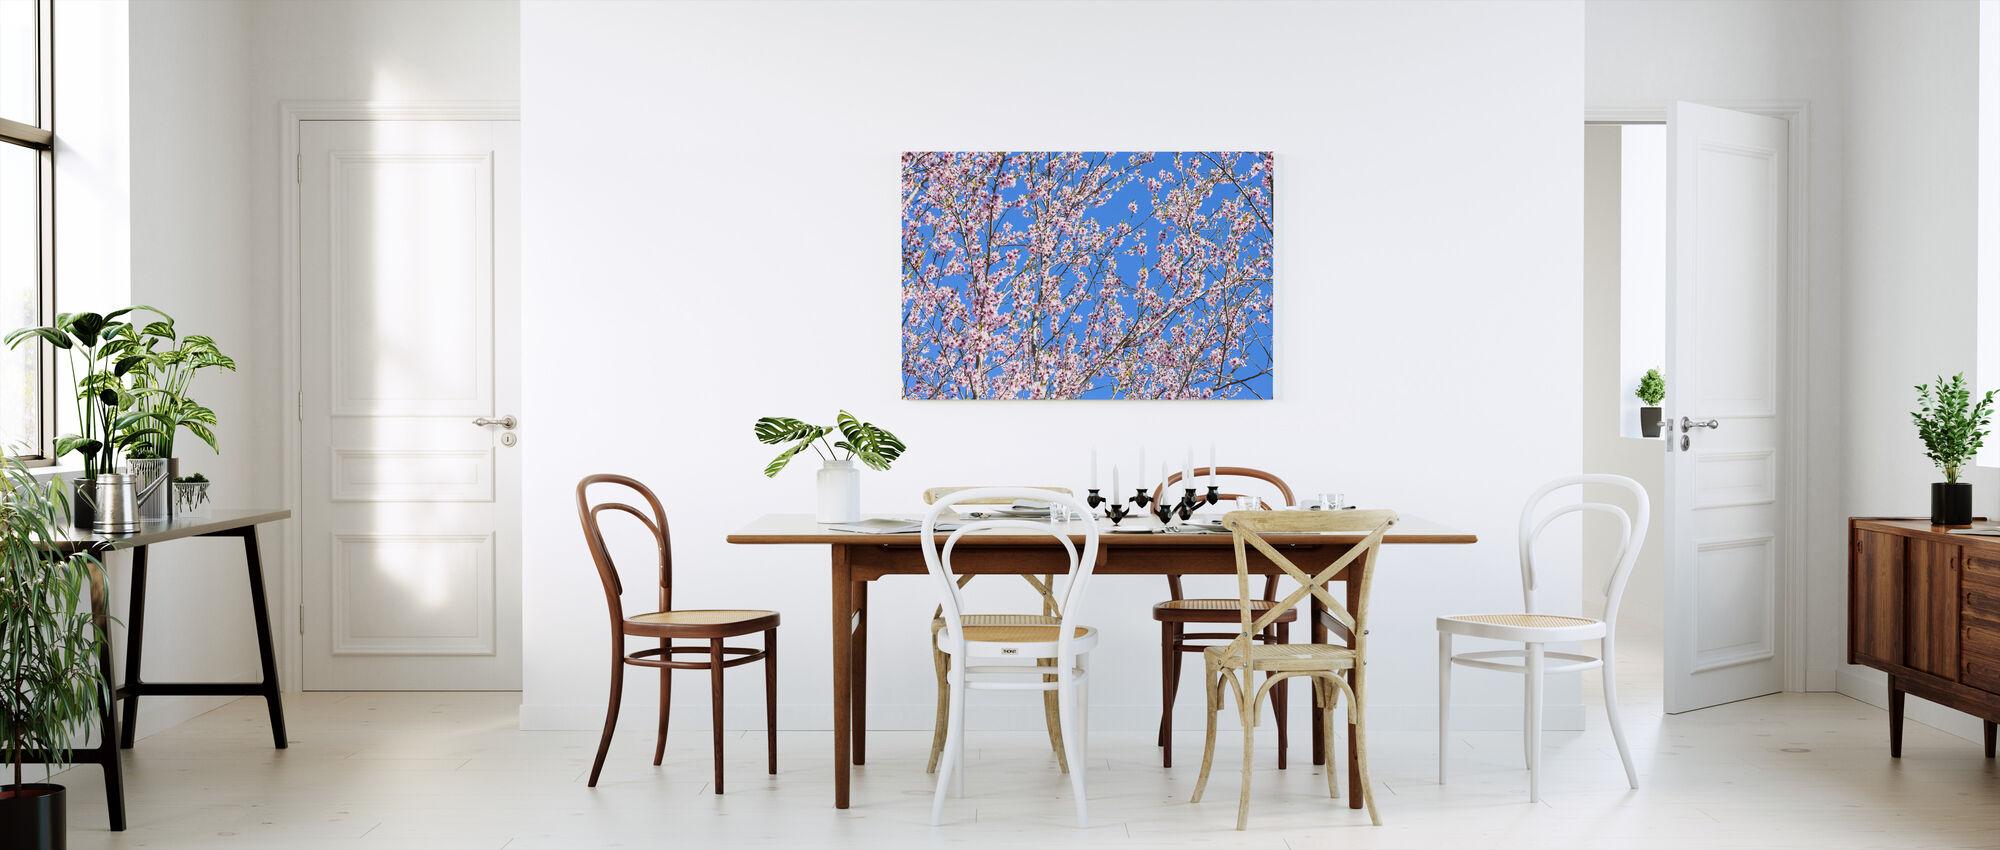 Cherry Blossom Tree - Canvas print - Kitchen